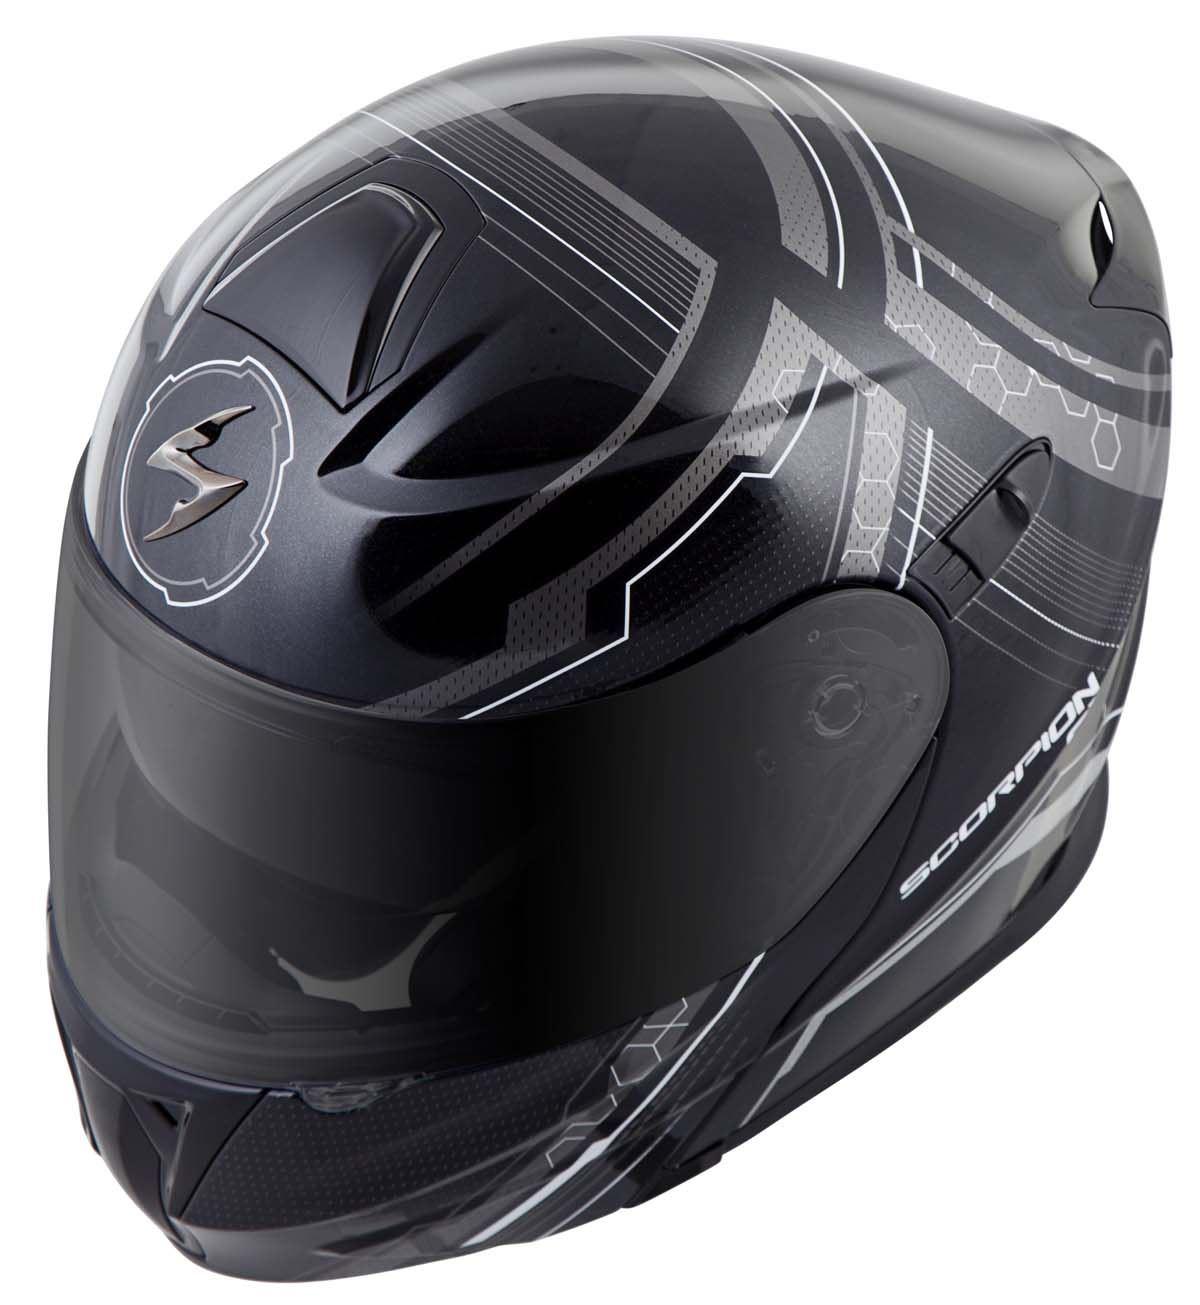 Scorpion-EXO-GT920-Helmet-Sport-Touring-Modular-Flip-Up-DOT-Approved-XS-3XL miniature 20